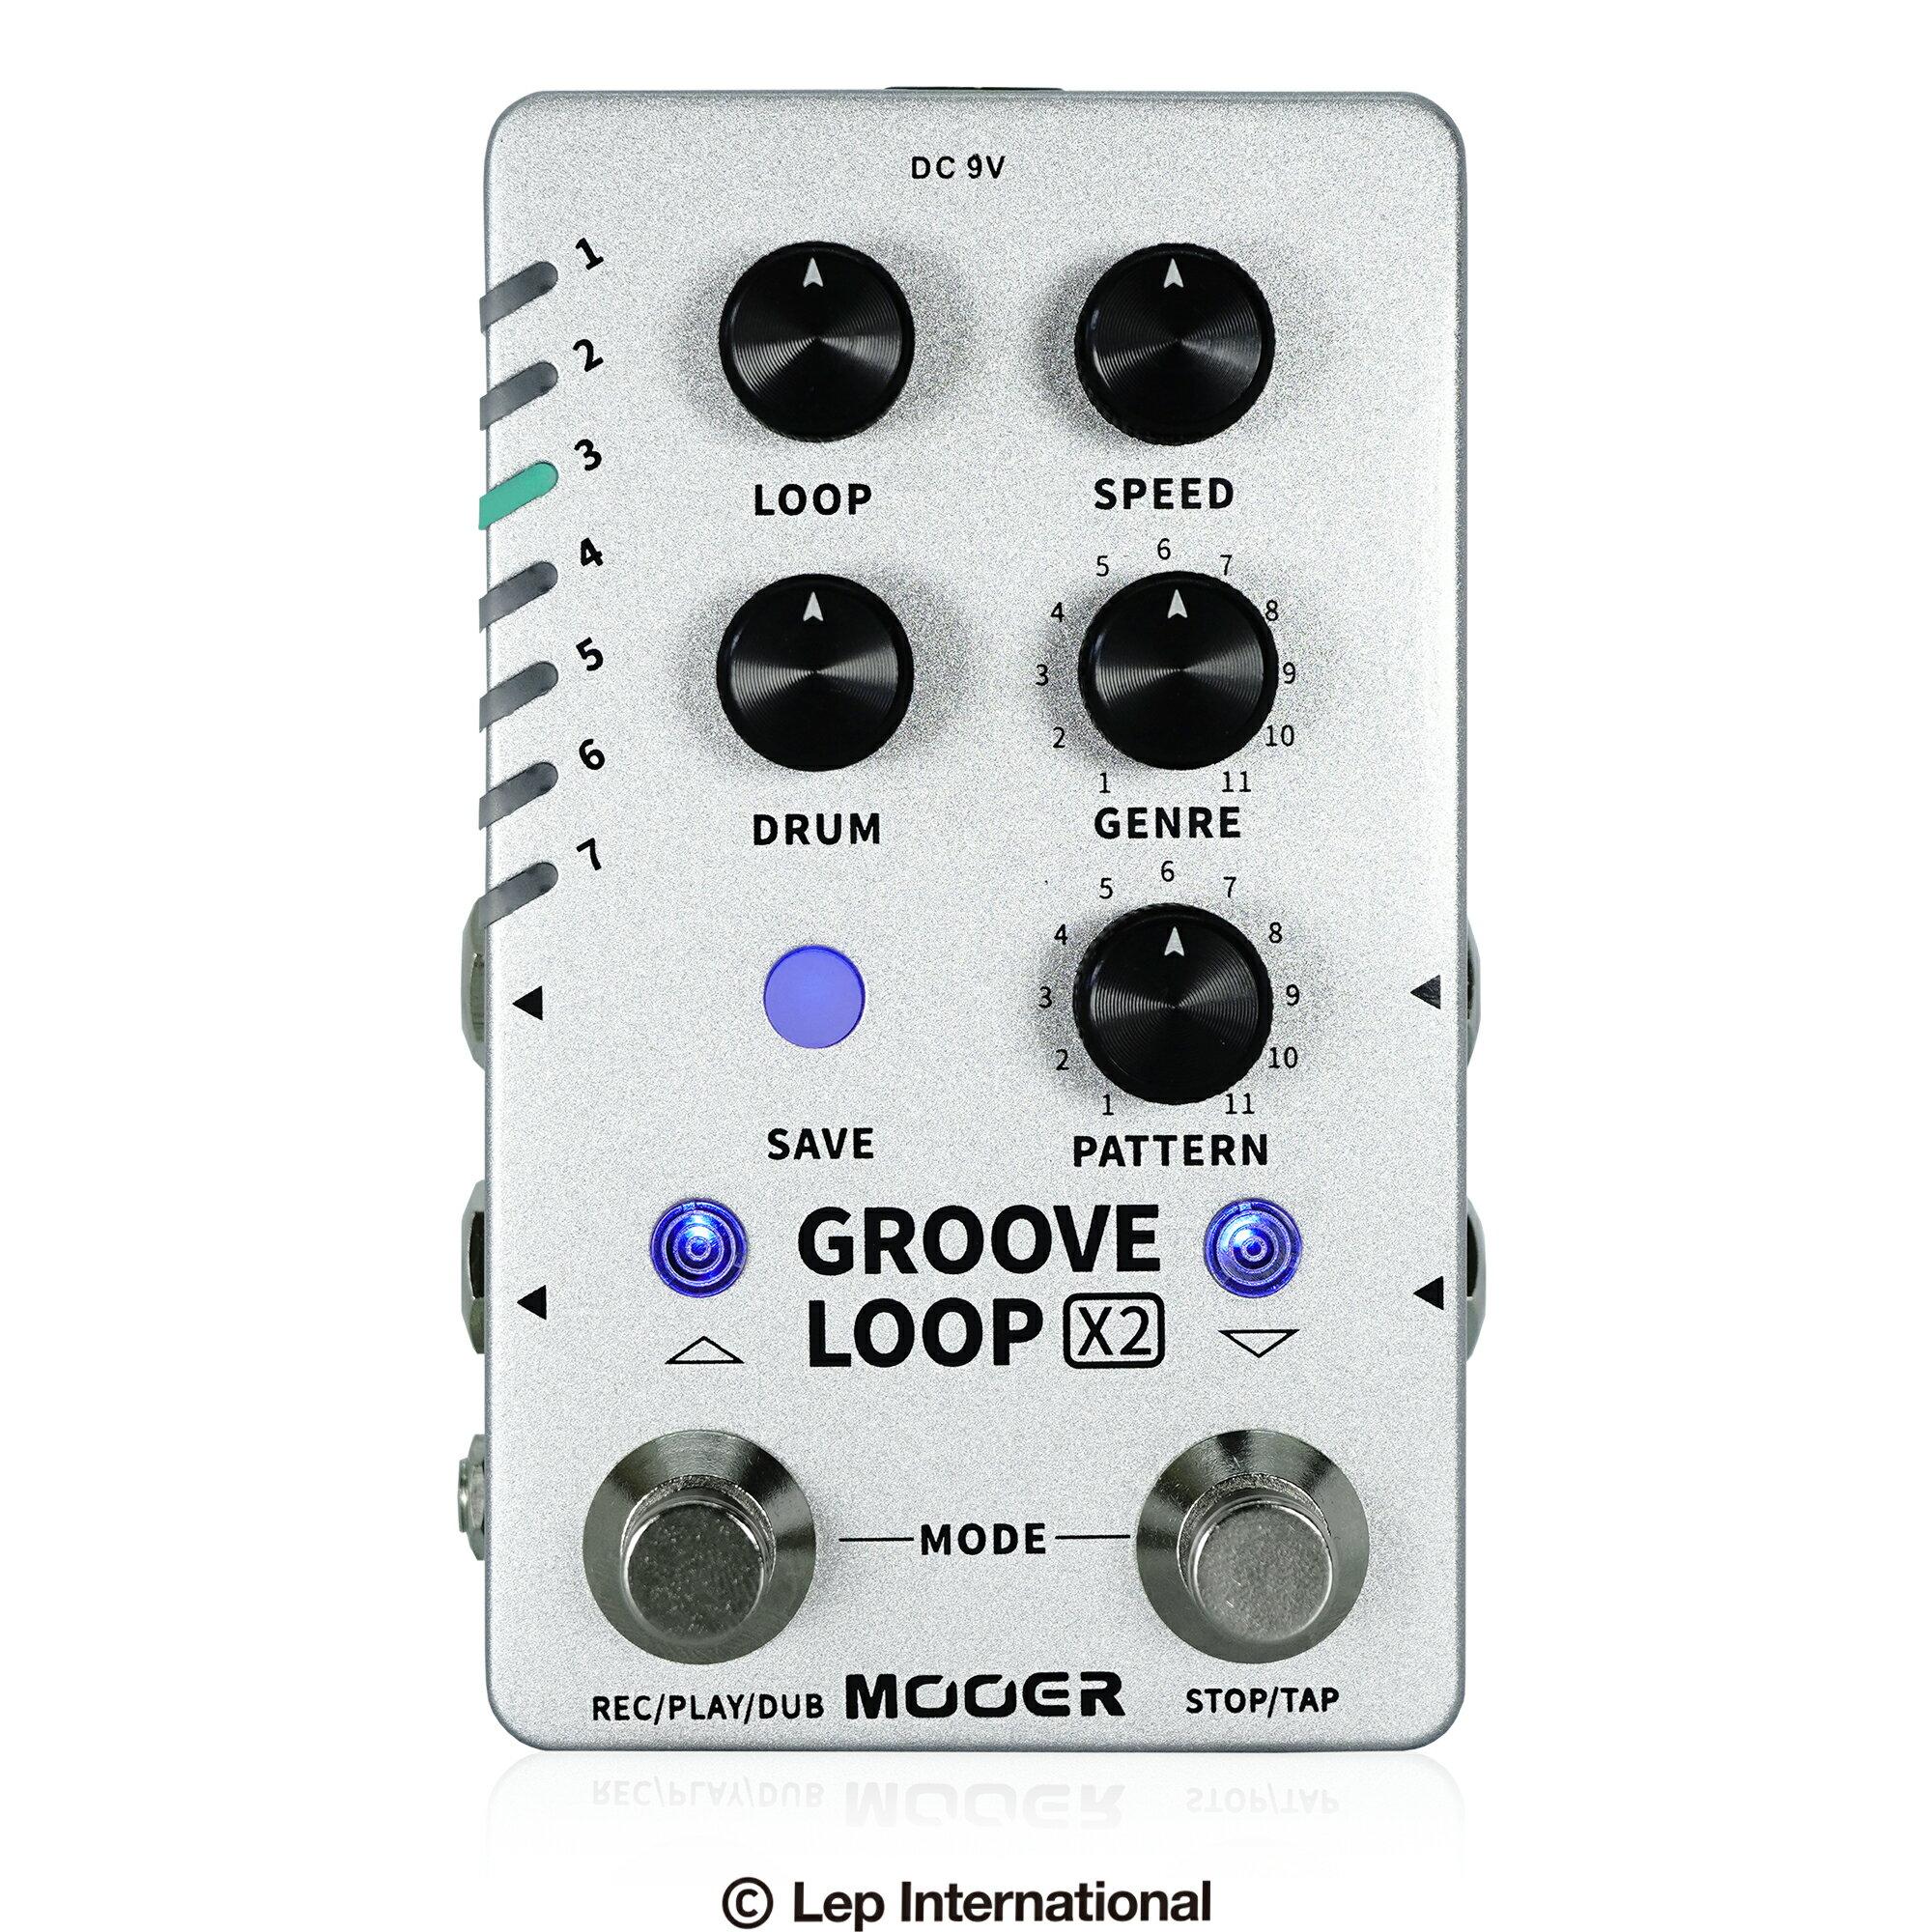 リンク:GROOVE LOOP X2